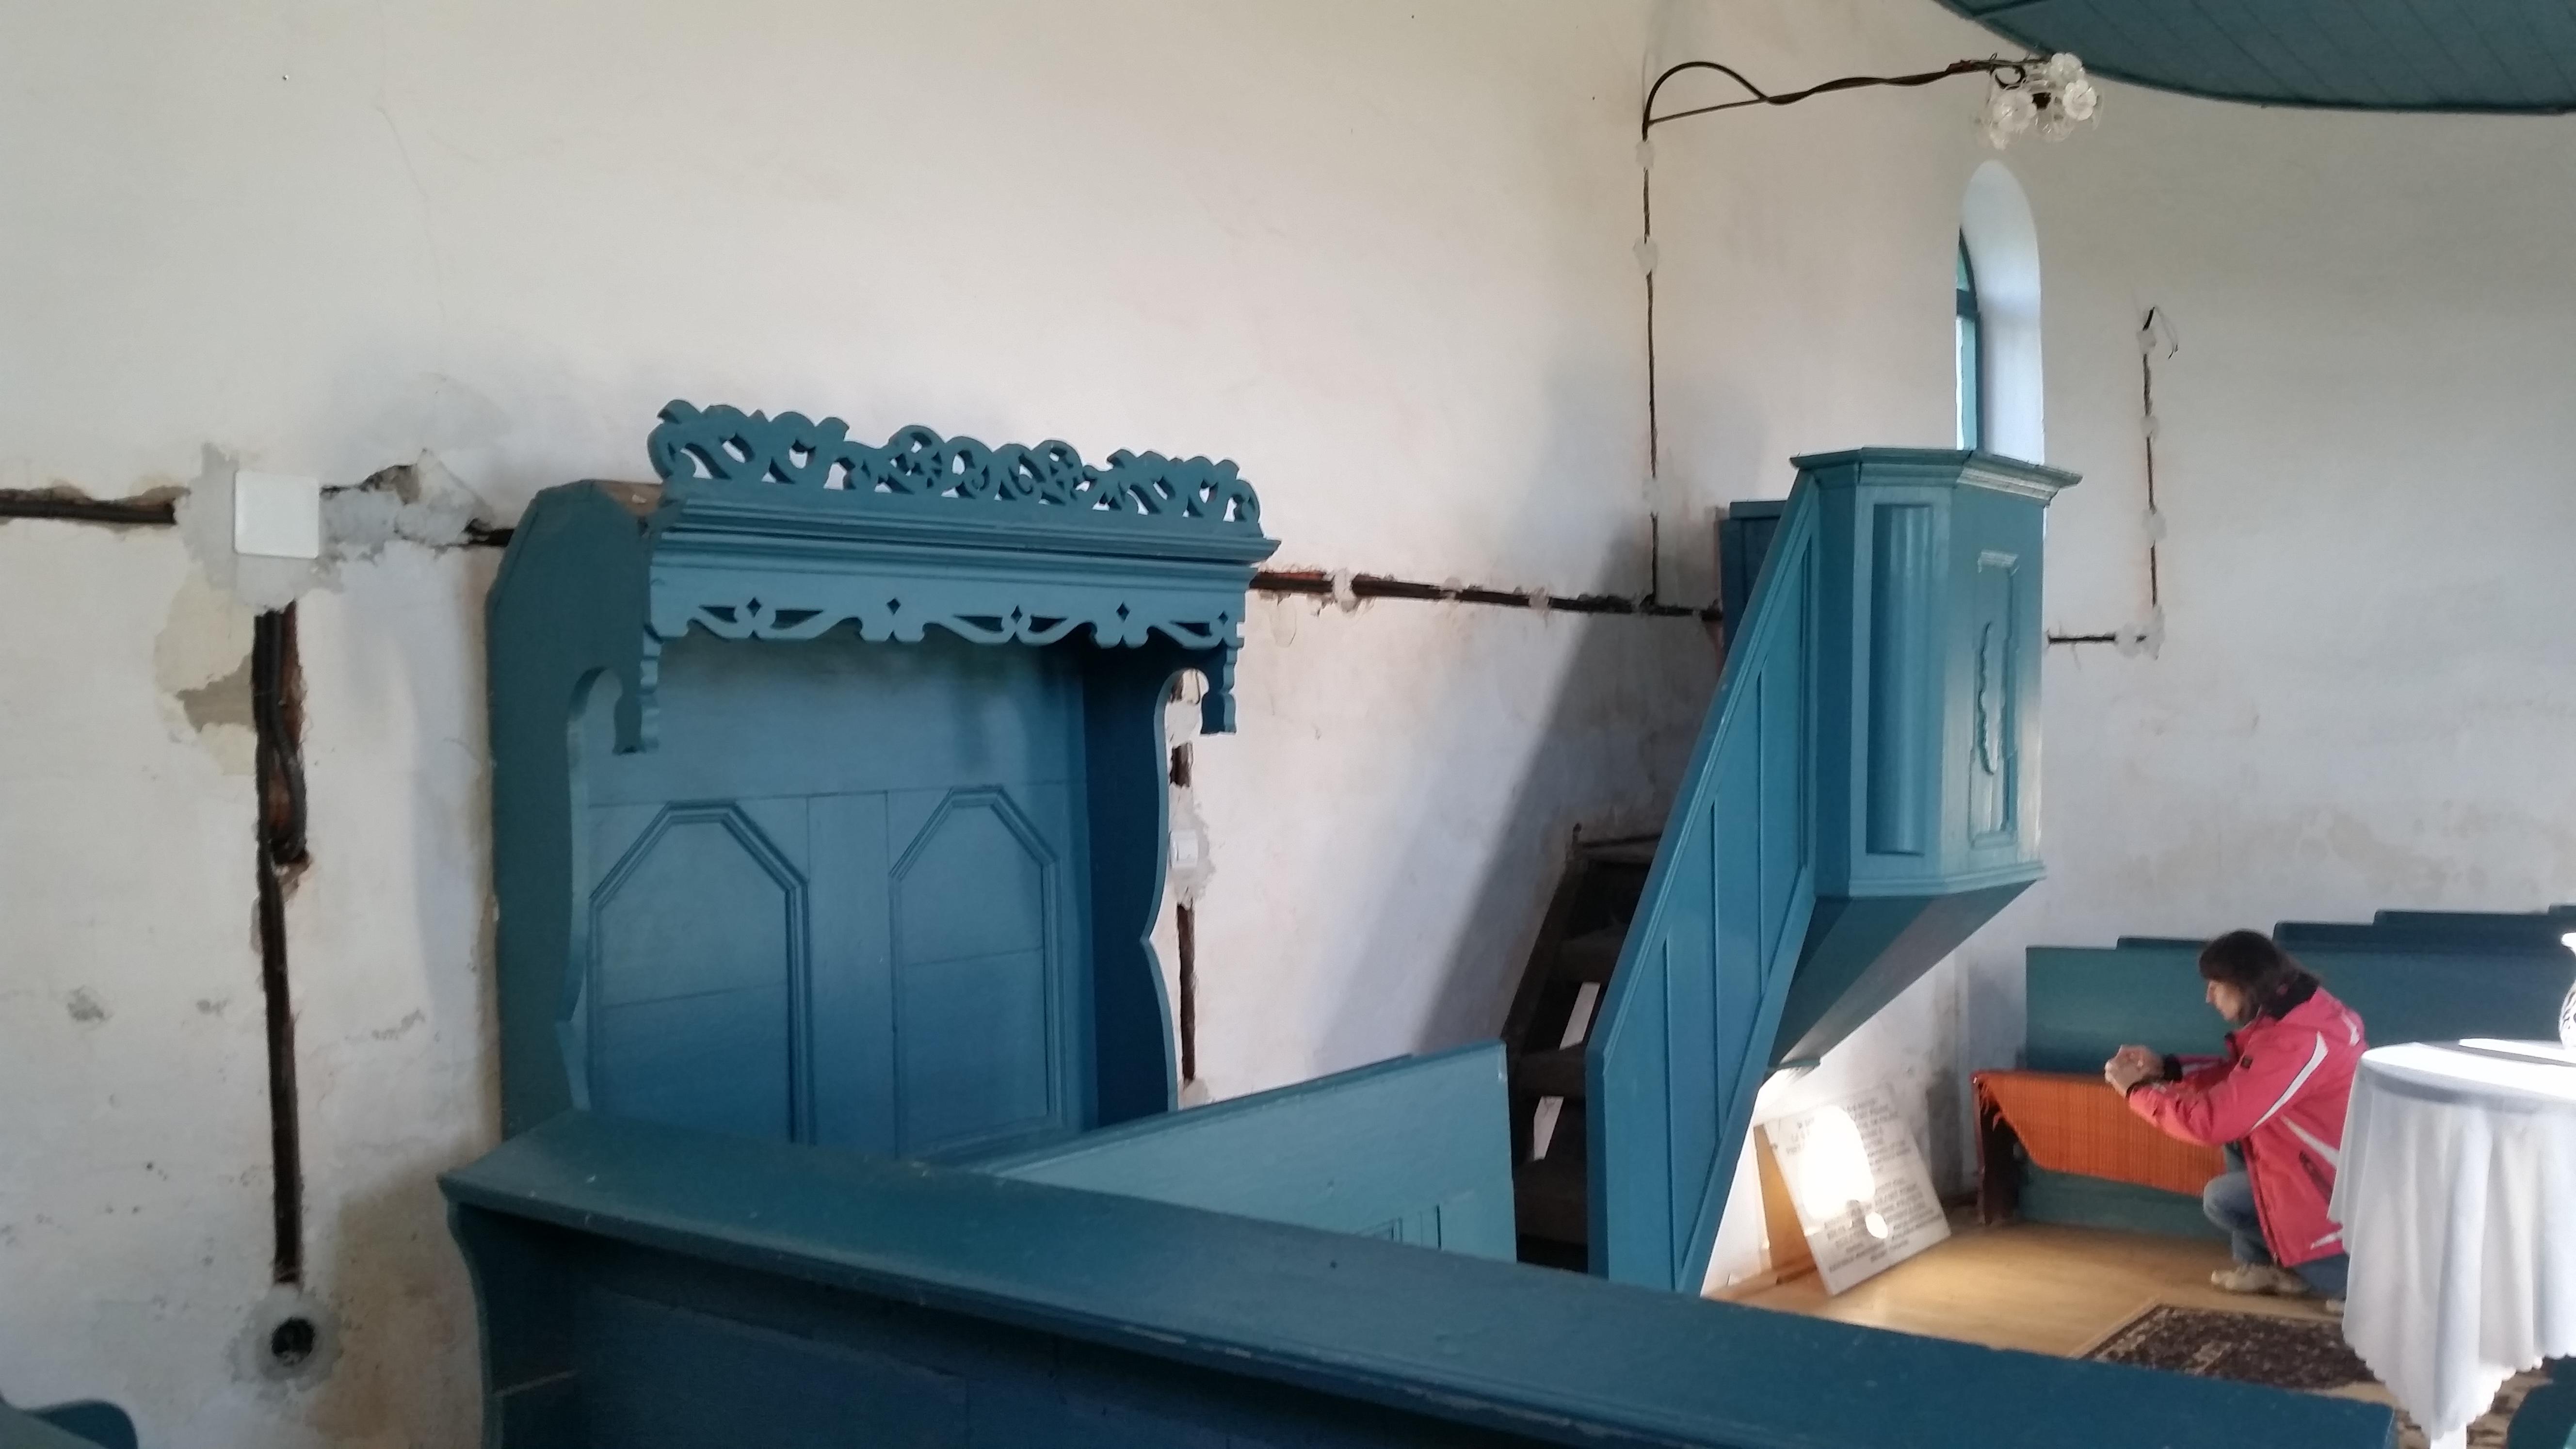 Papi szék és szószék, alatta a korábban itt elhelyezett kétnyelvű emléktáblával